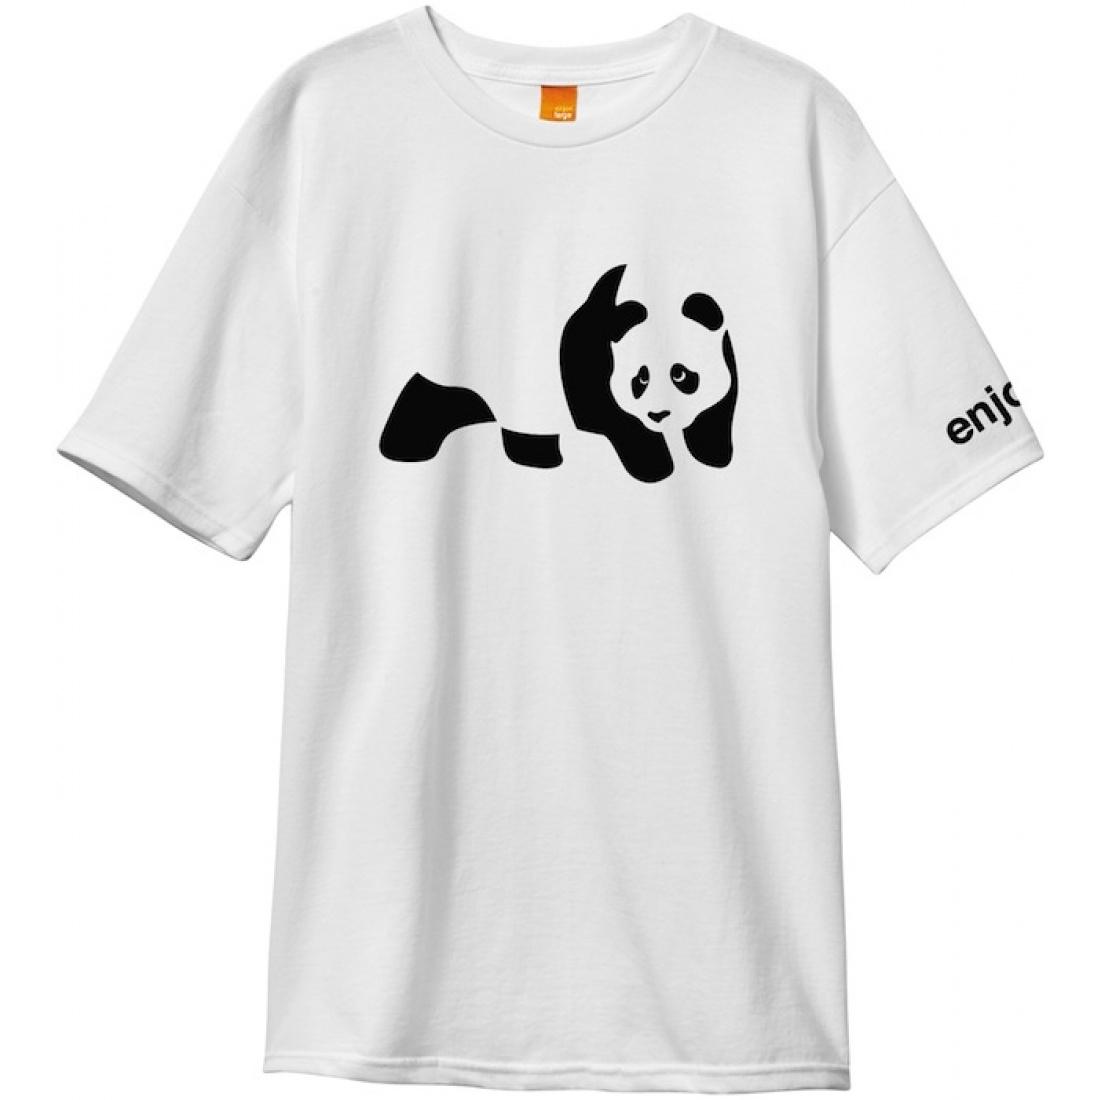 ENJ-Panda White Tee